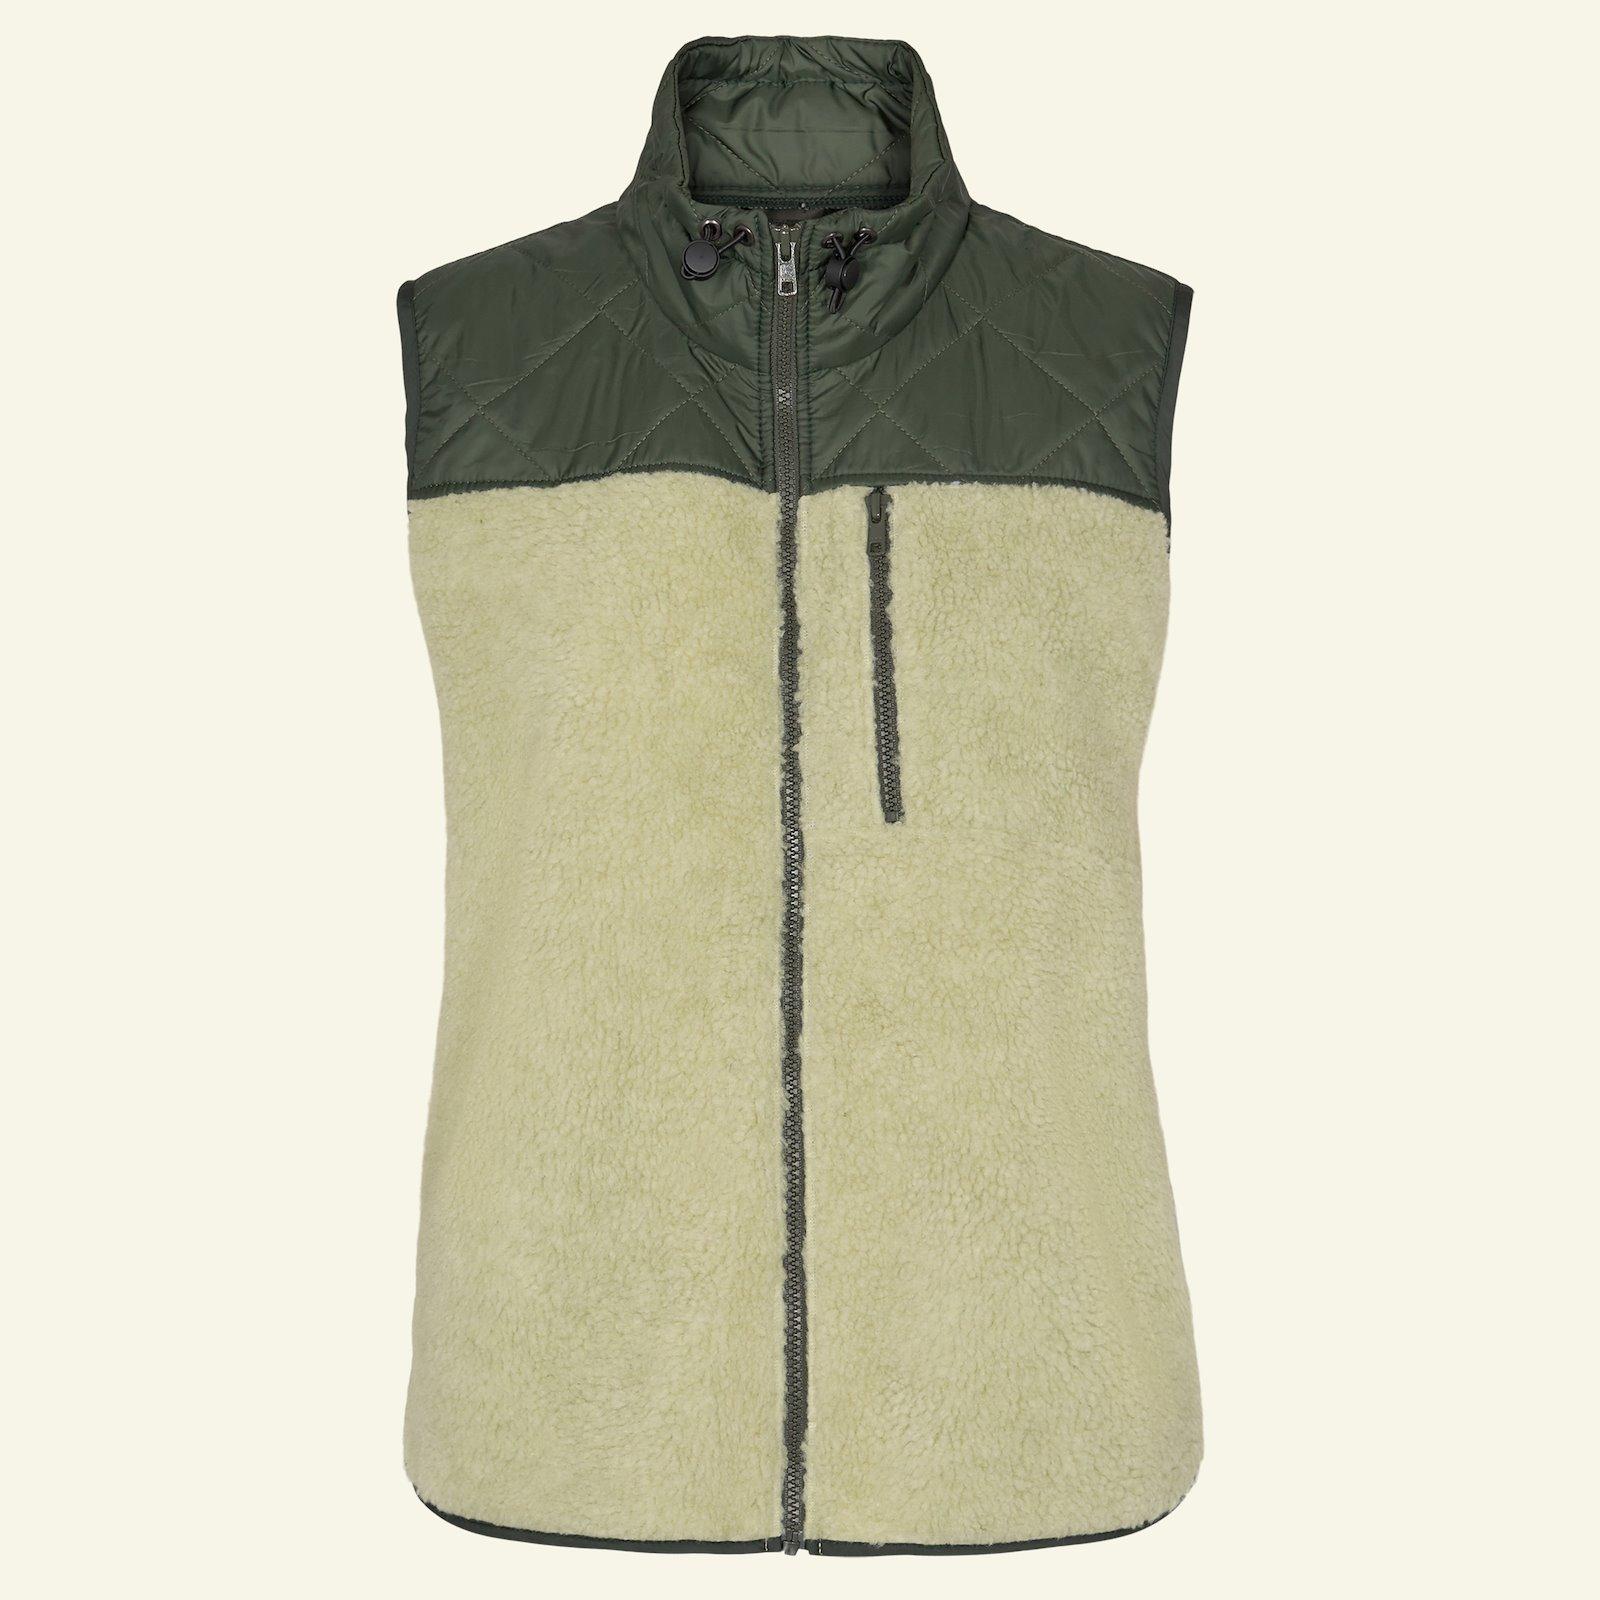 Jacket and waistcoat, 40/12 p24049_910282_920206_sskit